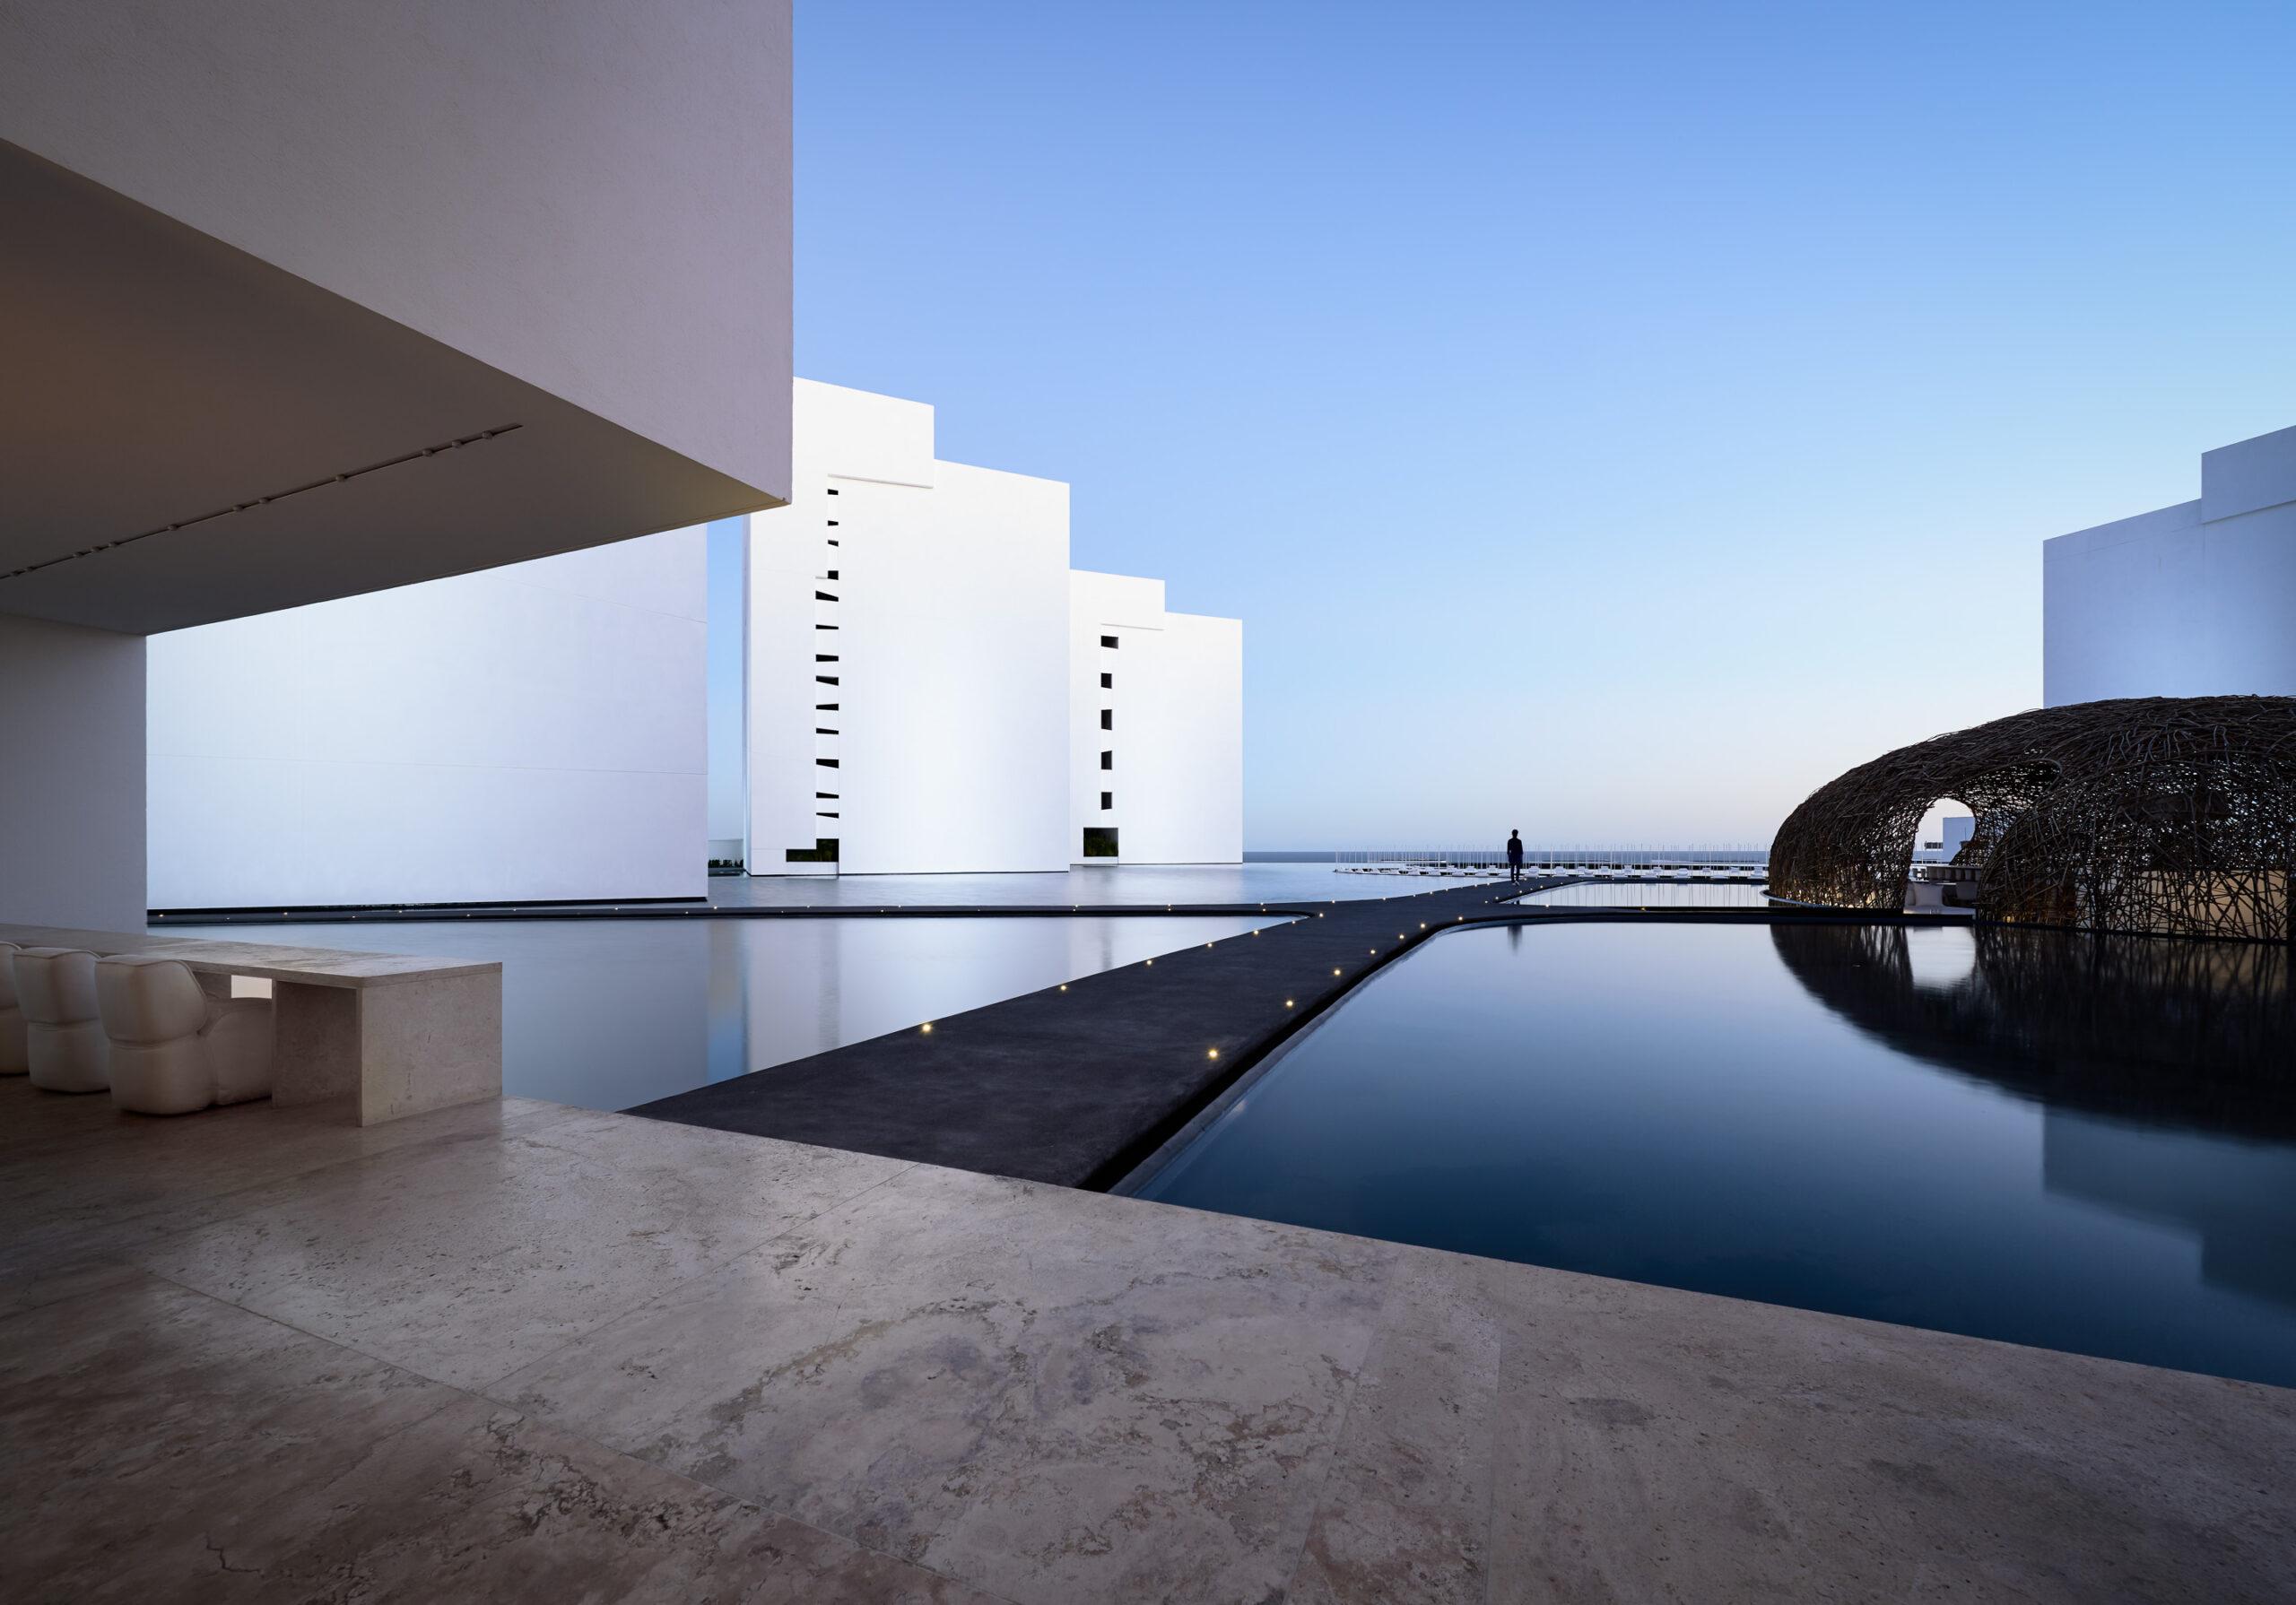 Miguel Angel Aragonés, Hotel, Mar Adentro, los cabos, mexico